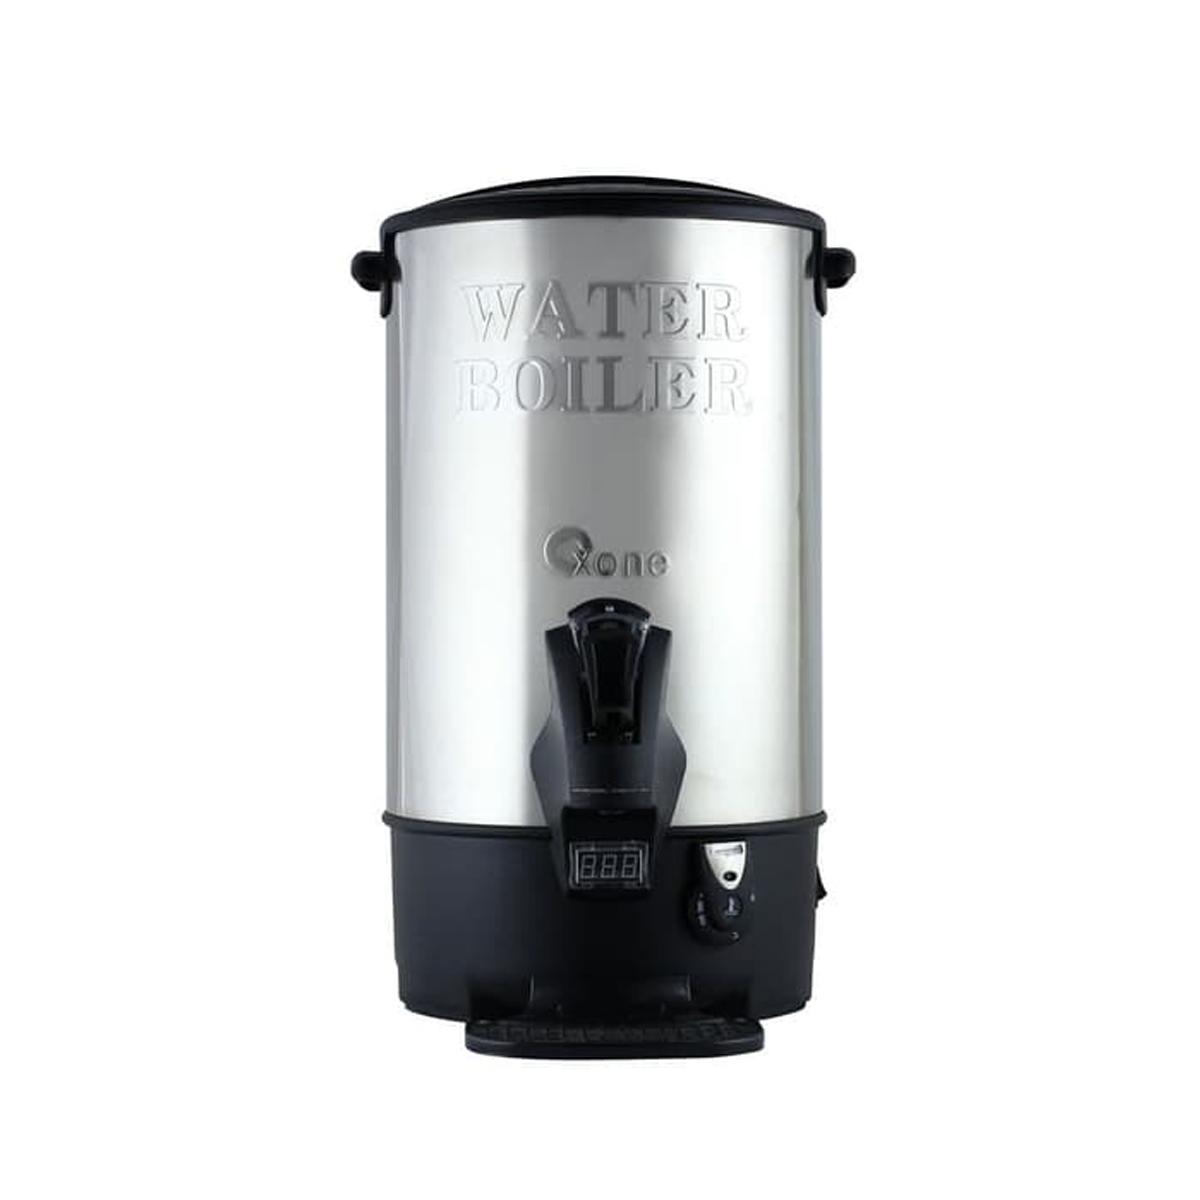 OX-205 Oxone Water Boiler 30 Liter - 2000 Watt